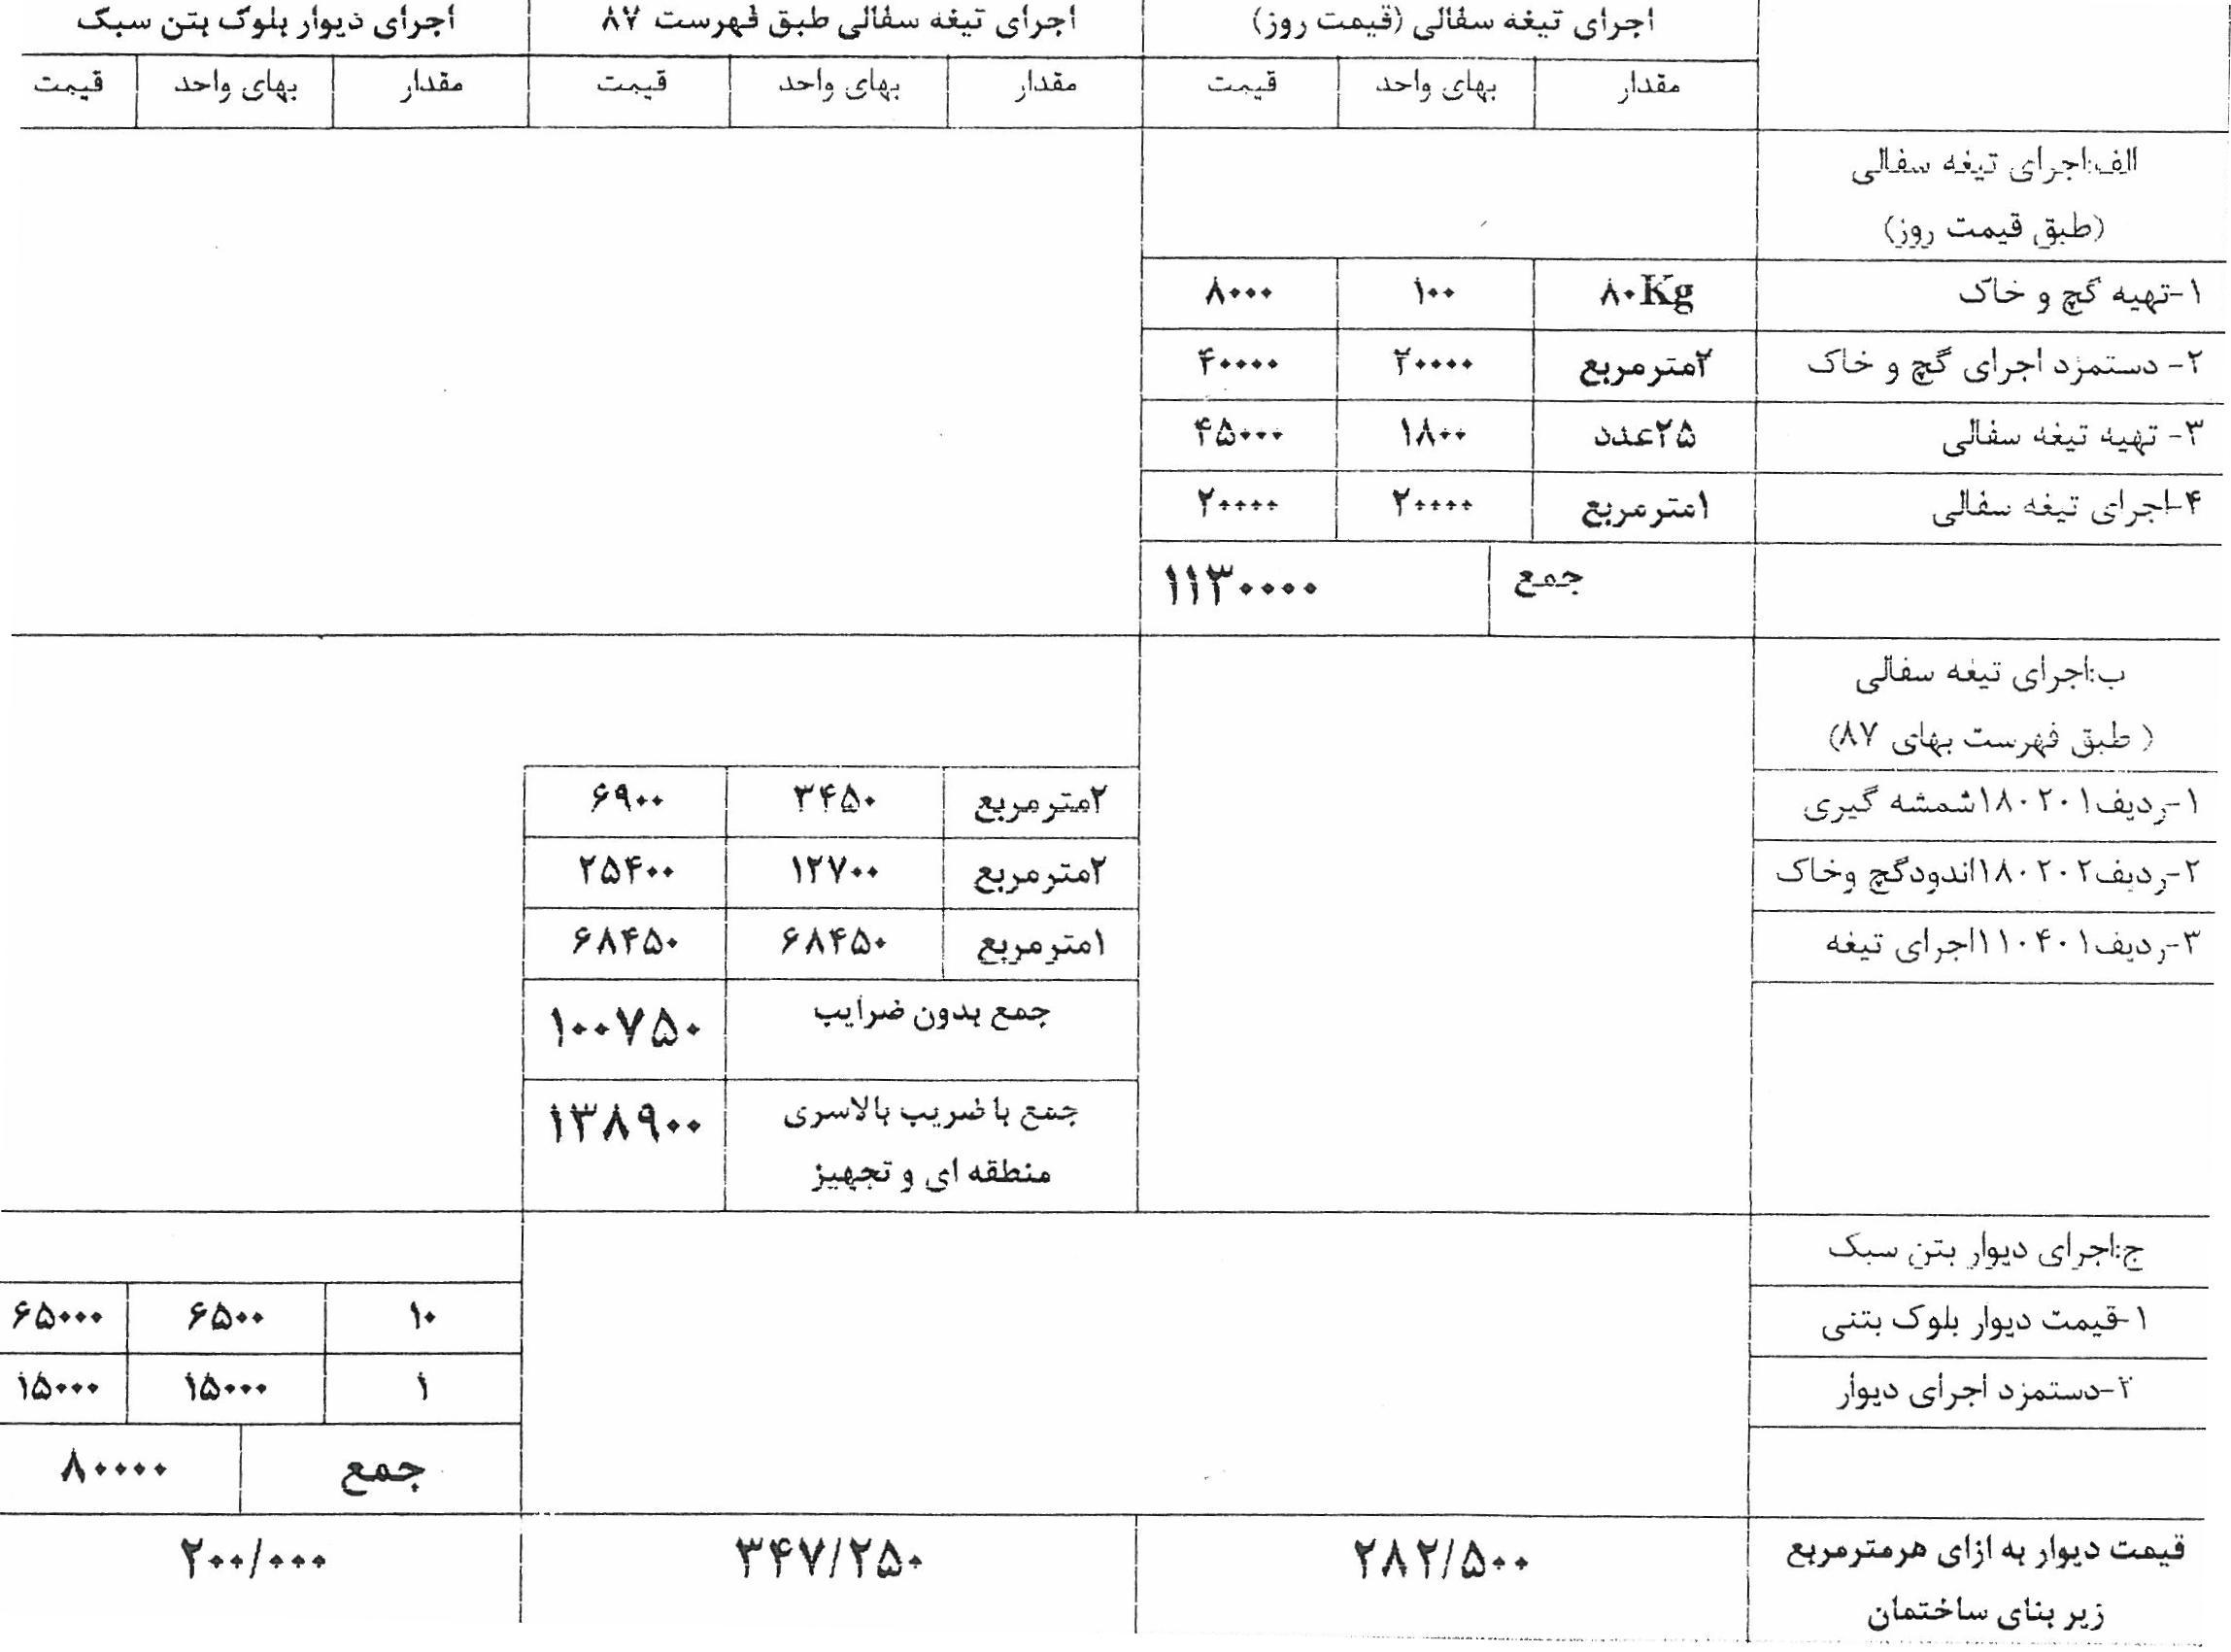 جدول مقایسه ای بین قیمت تمام شده هر مترمربع دیوار بلوک بتن سبک ...توضیح: